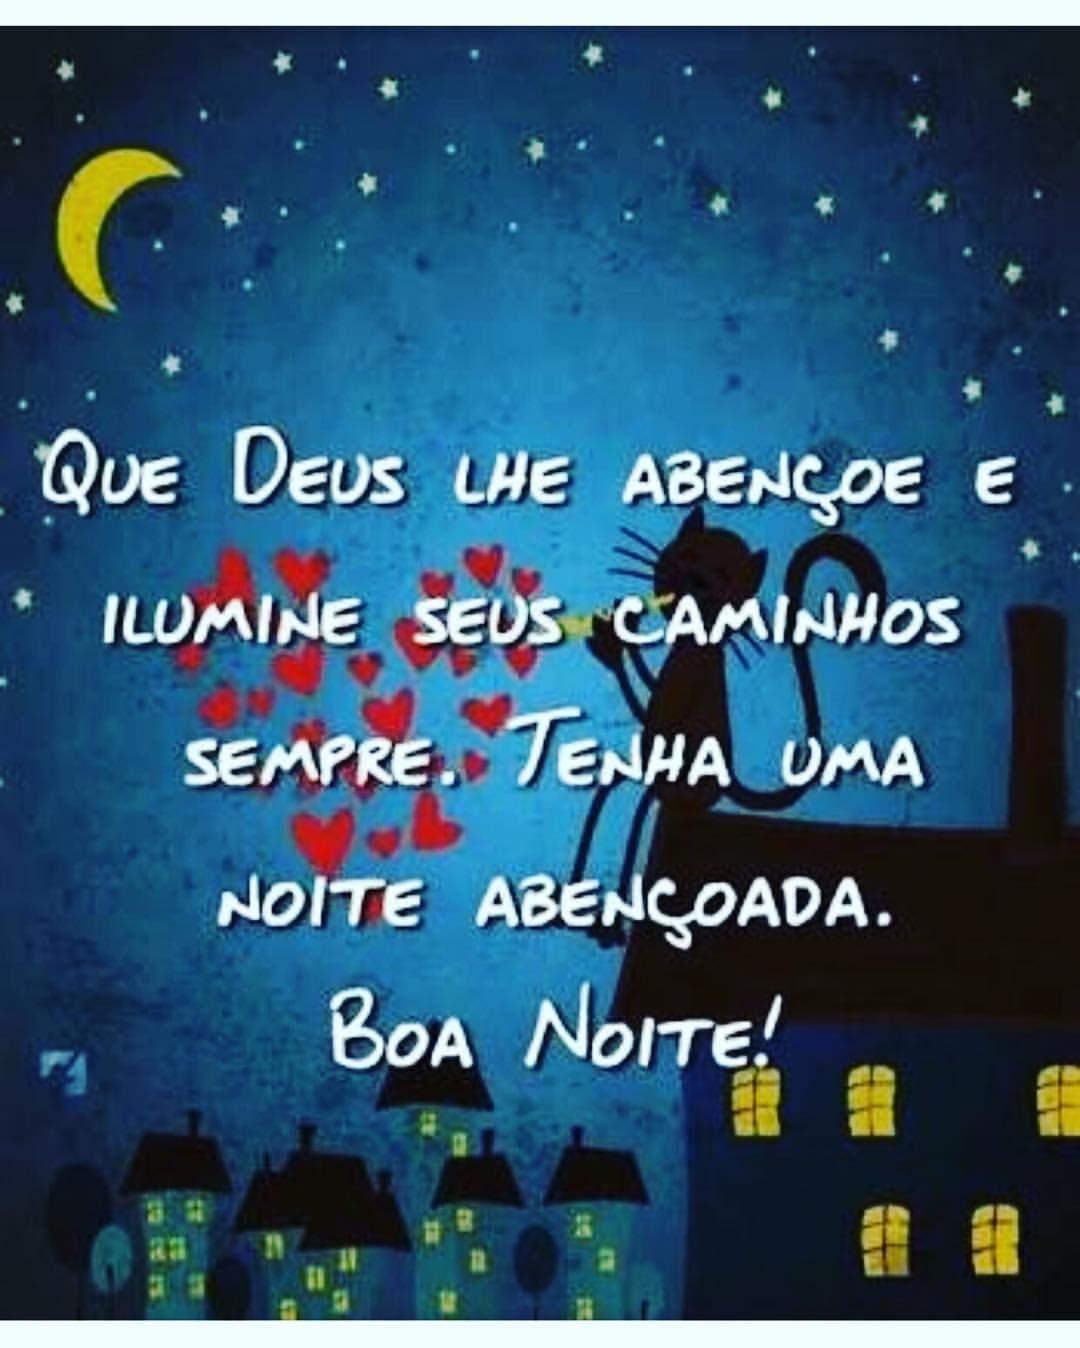 Que Deus Lhe Abençoe e Ilumine os Seus Sonhos! Boa Noite